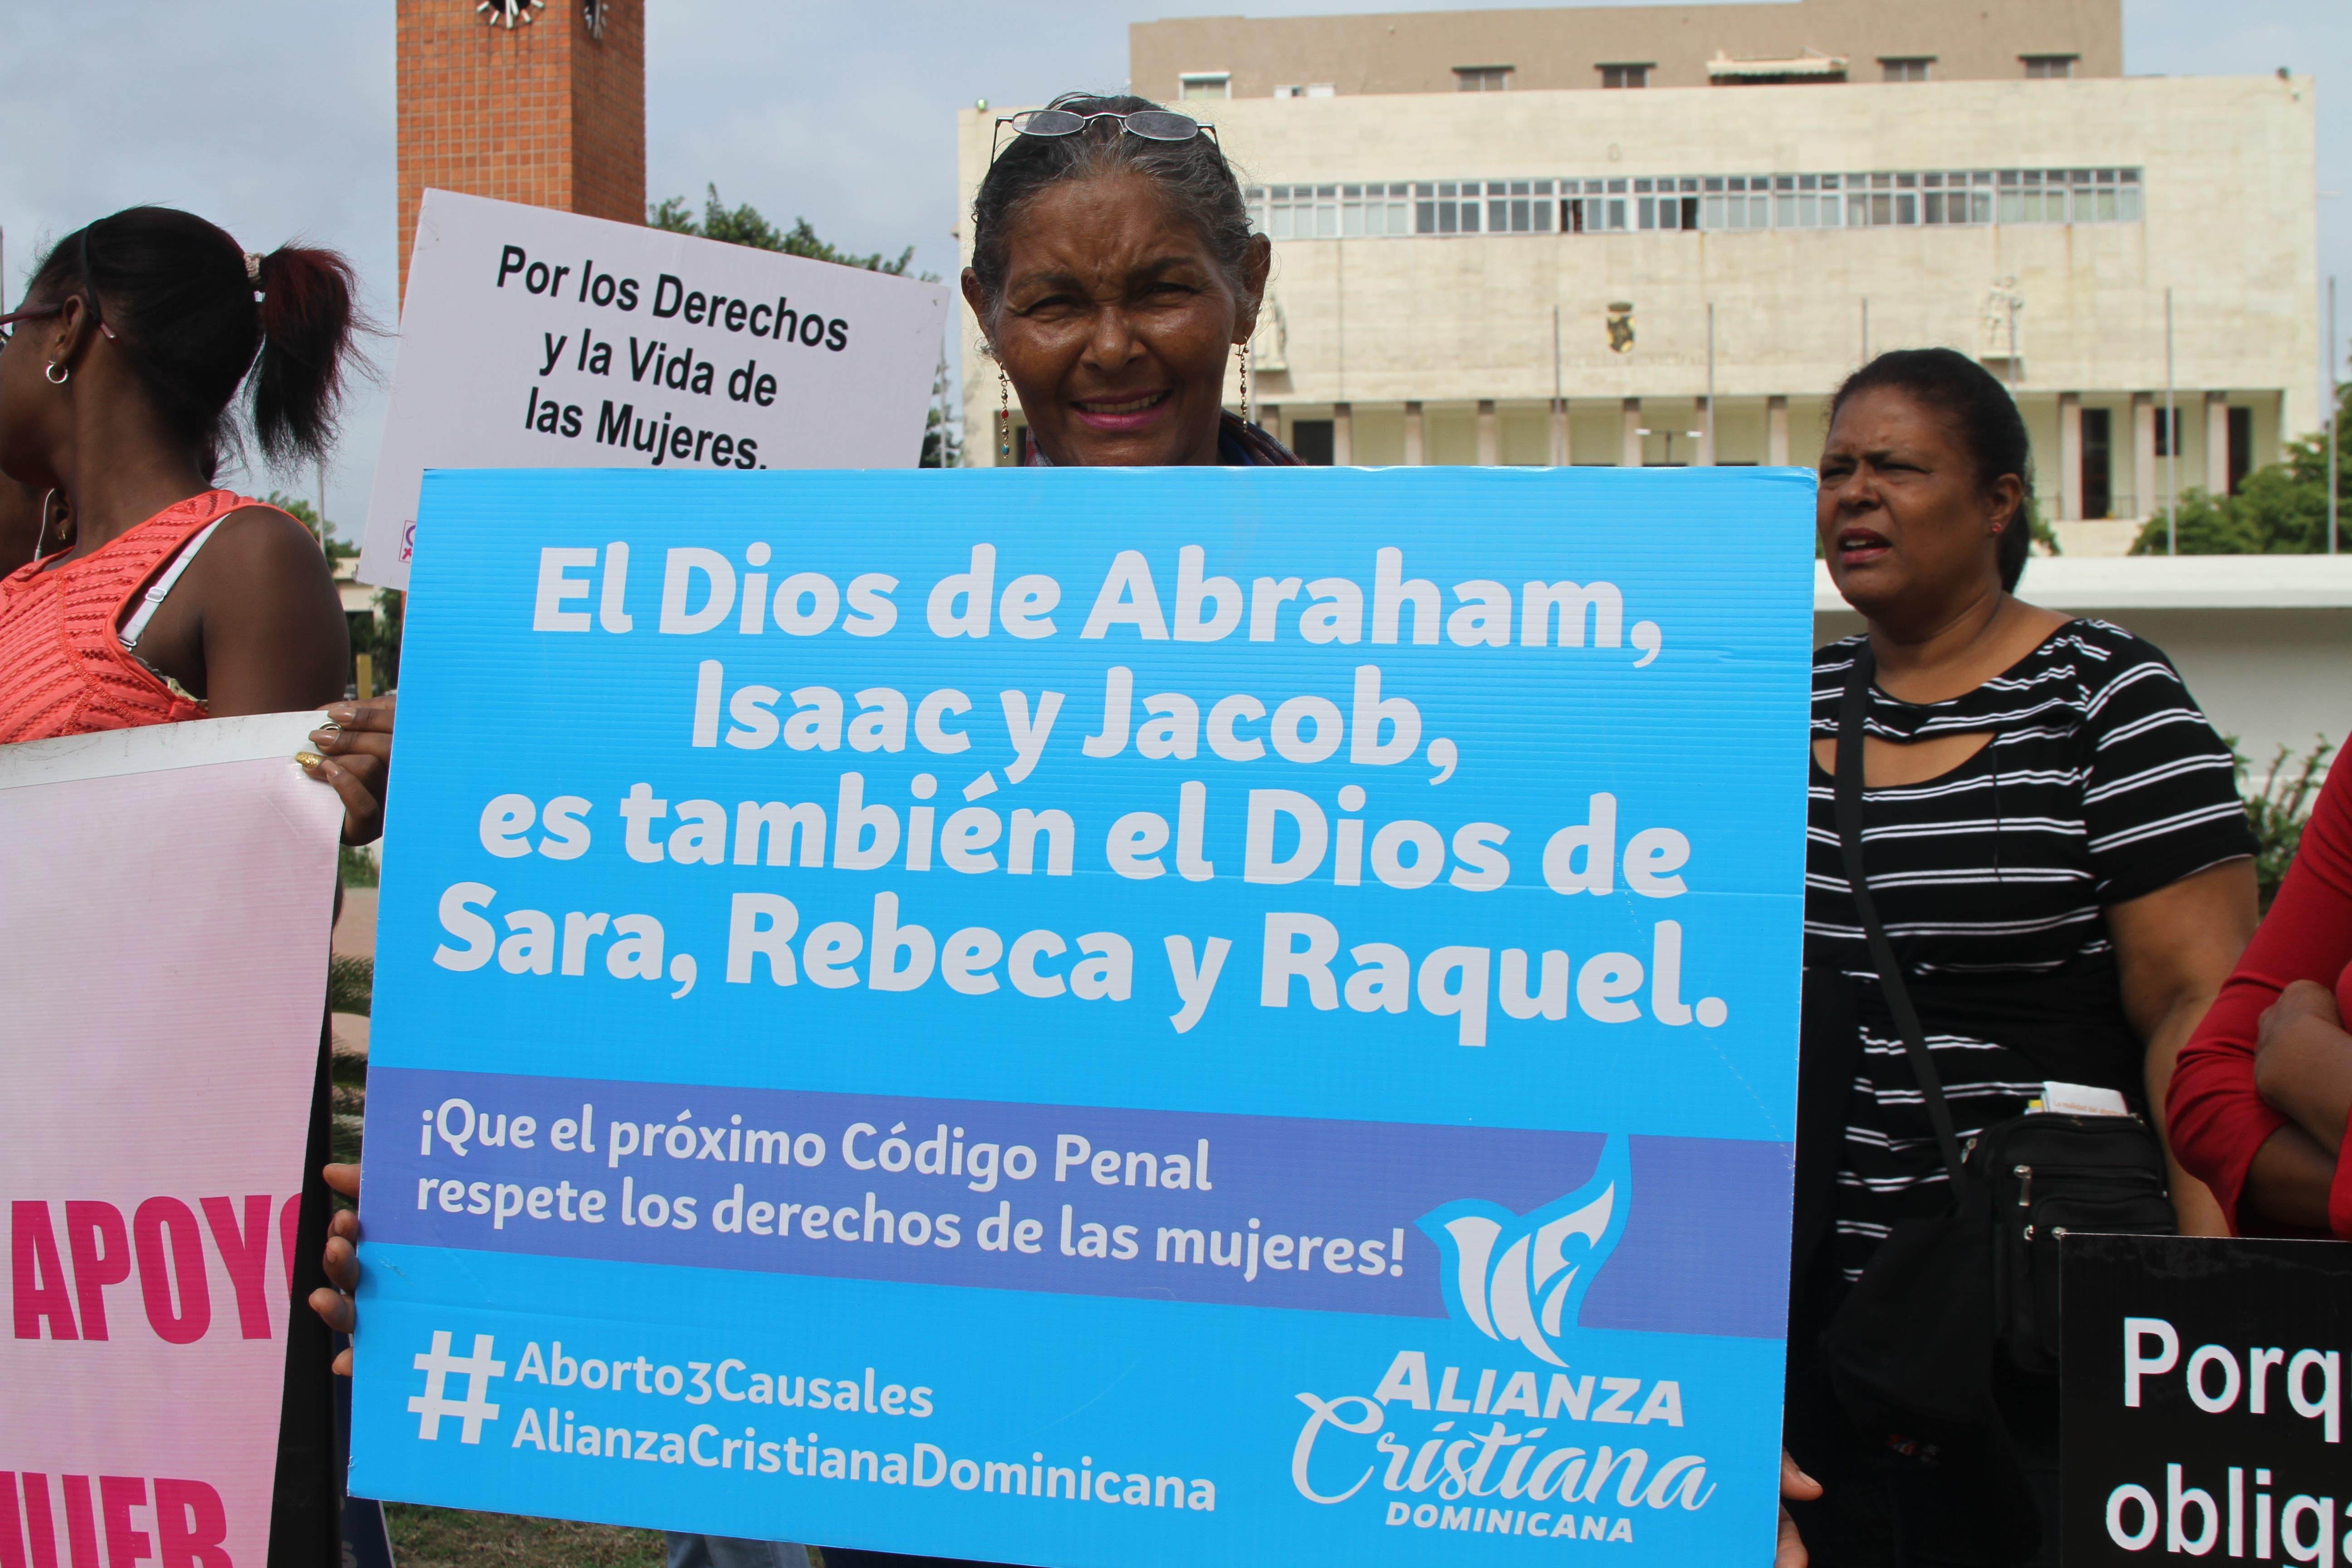 Alianza Cristiana Dominicana invita a participar en Caminata por la Vida, Salud y Dignidad de las Mujeres este domingo 15 de julio